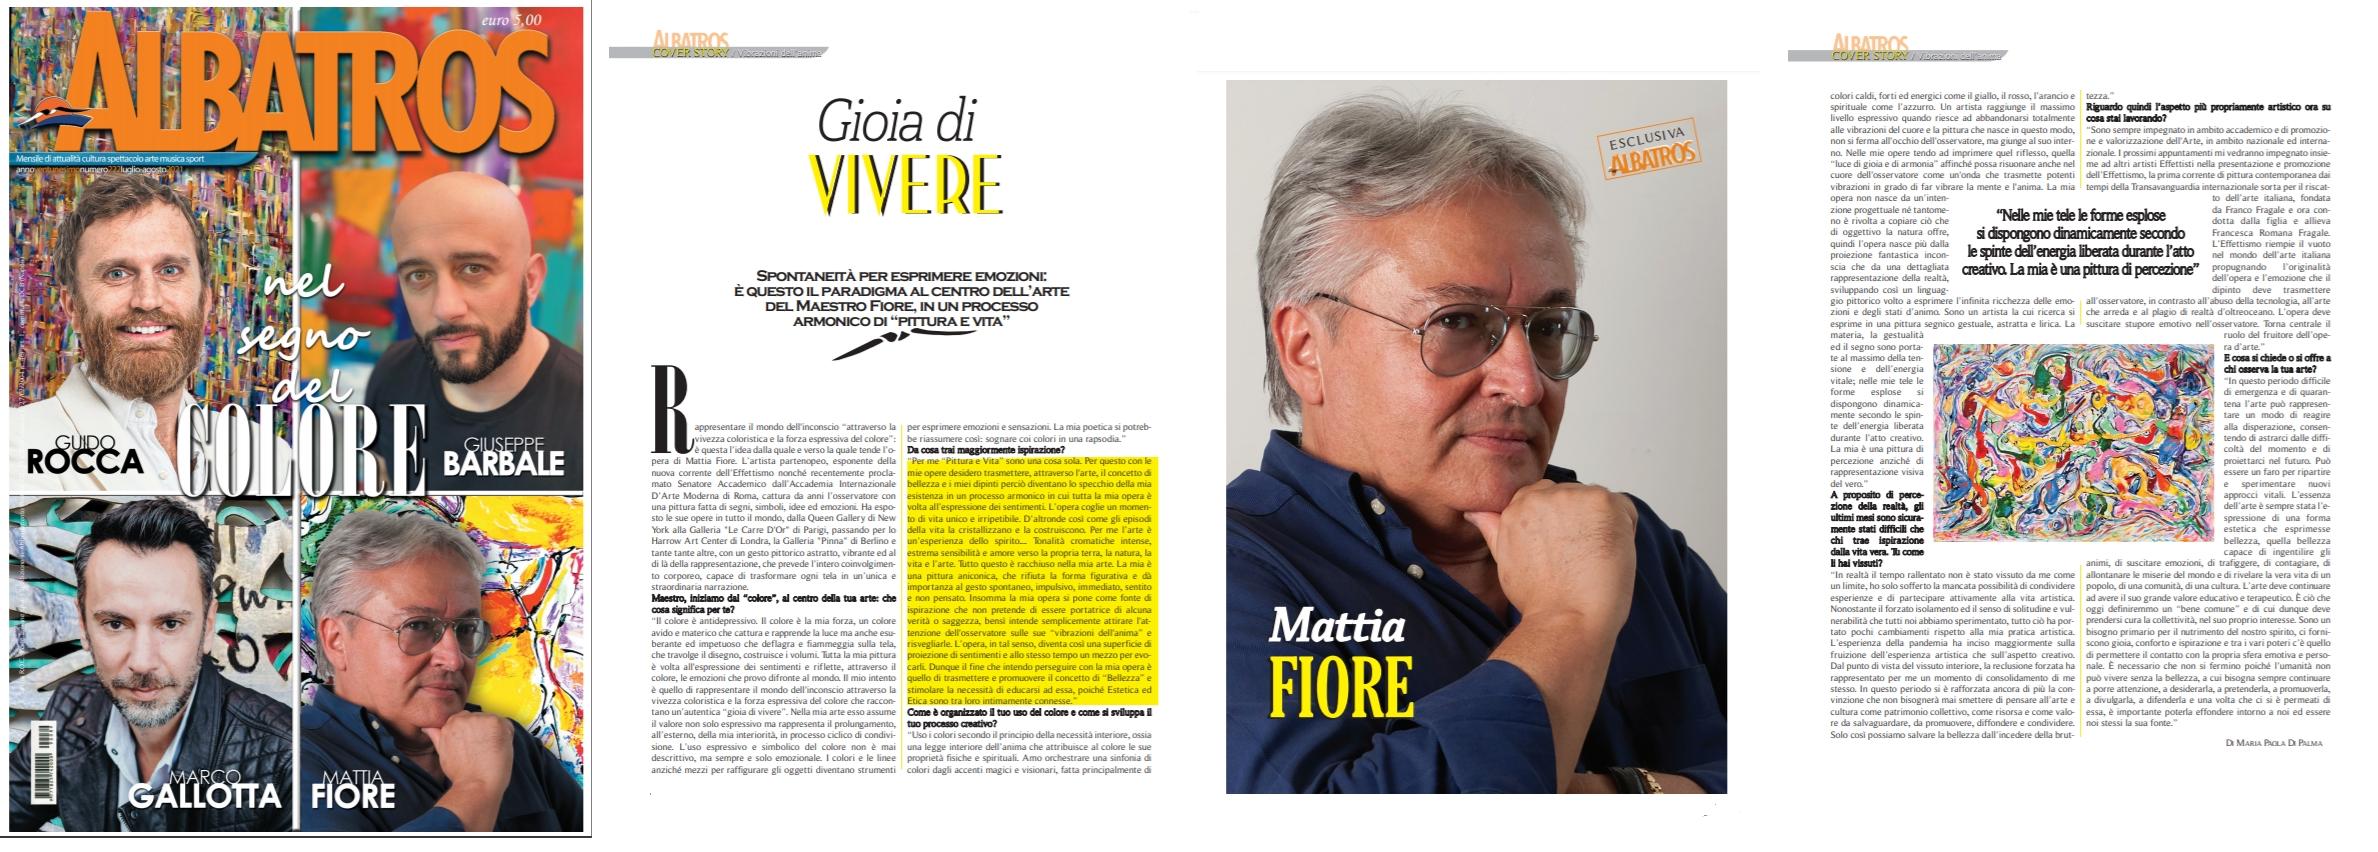 Mattia Fiore - Coverstory Albatros Magaziine Luglio 2021- Articolo 3